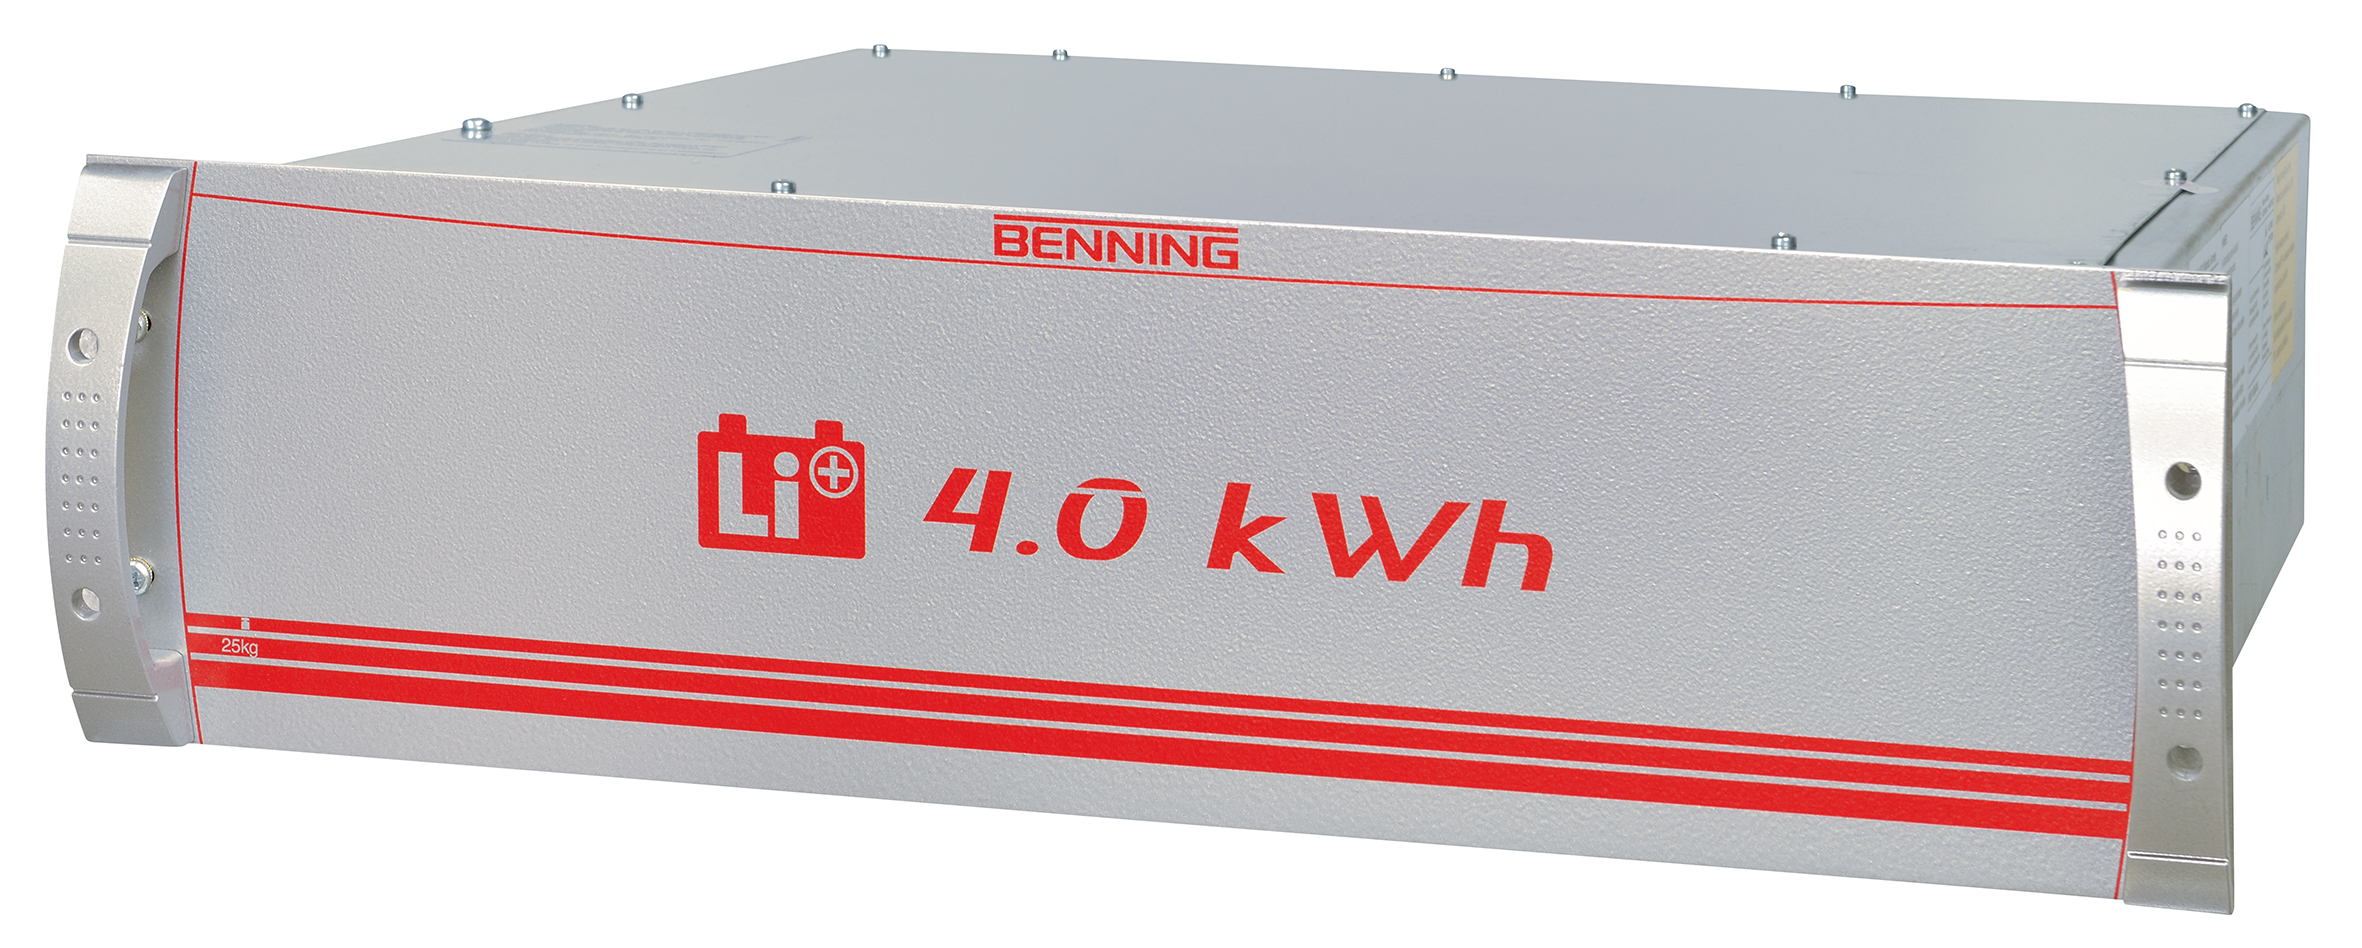 1 Stk Batterieeinschub REM4 4 kWh PVES0017--